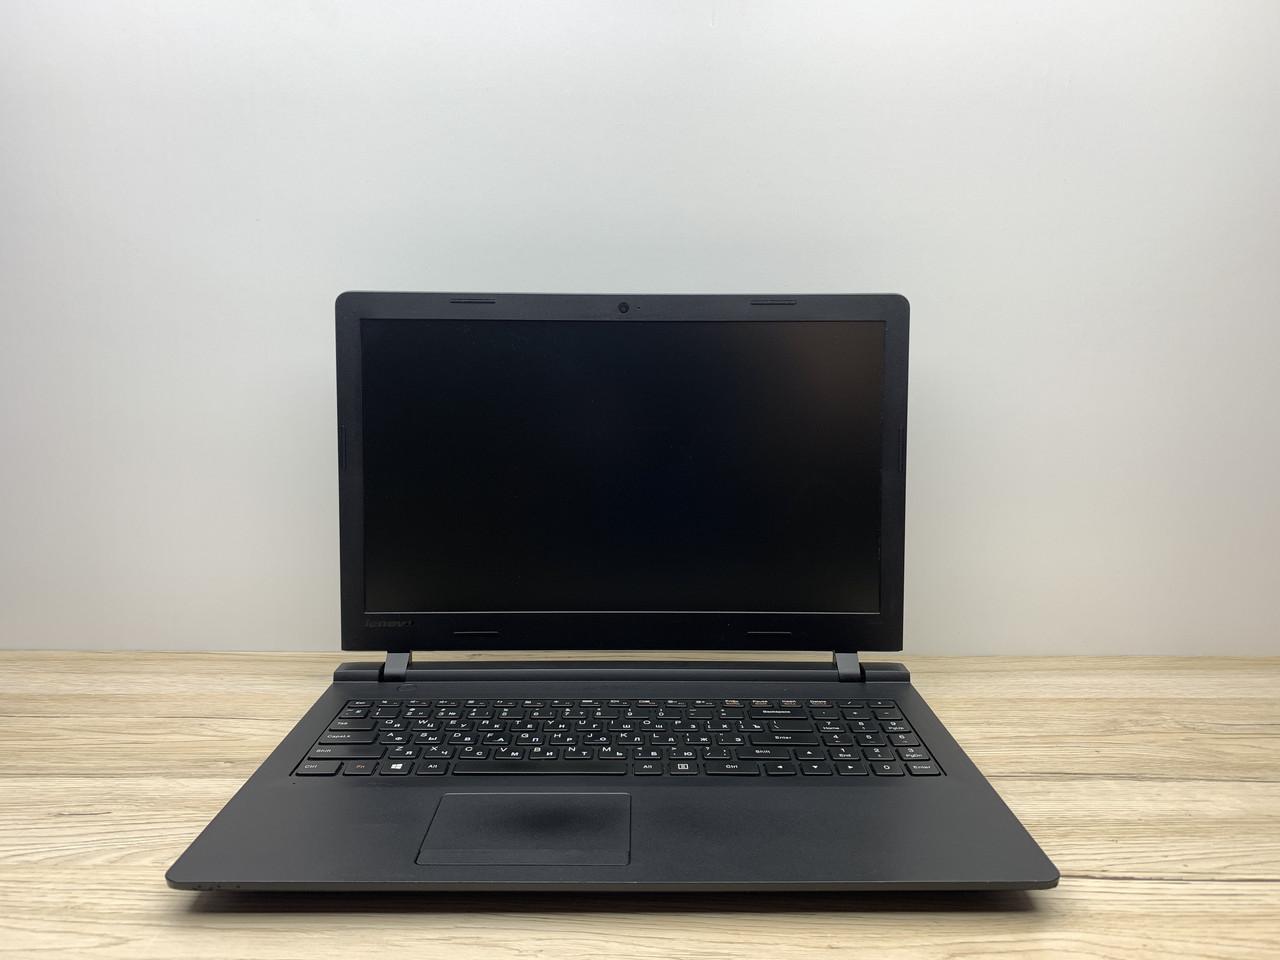 Ноутбук Б/У Lenovo B50-10 15.6 HD/ Pentium N3540 4x 2.66GHz/ RAM 4Gb/ SSD 120Gb/ АКБ 19Wh/ Сост. 8.5